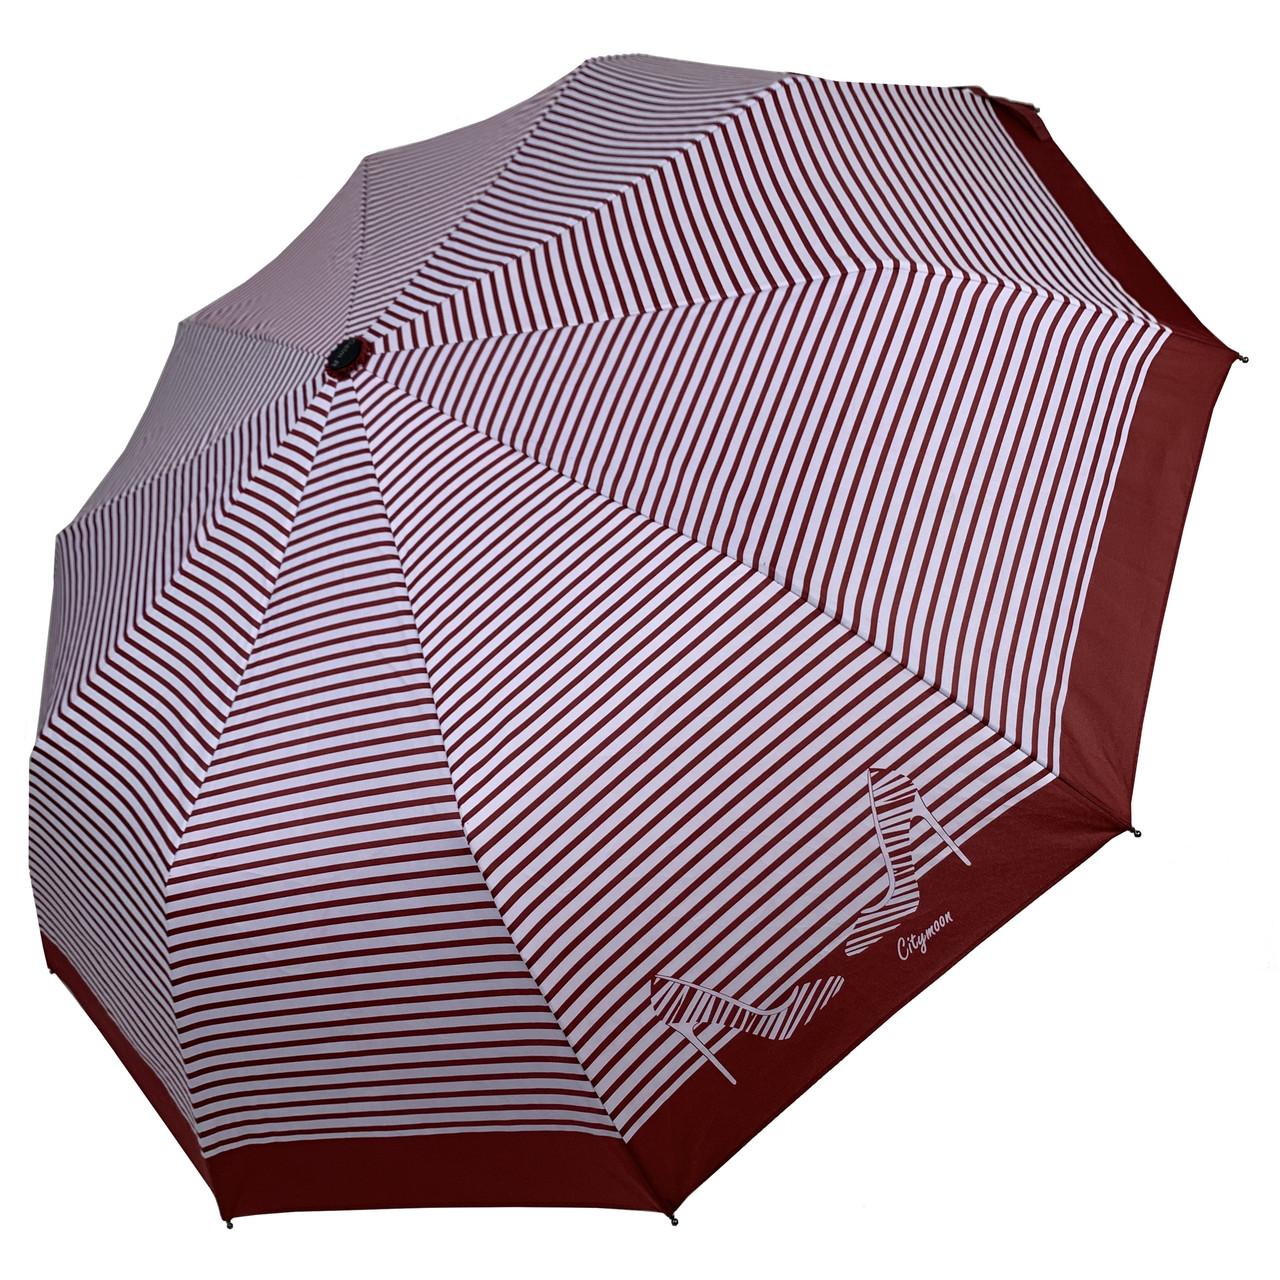 Женский зонт-полуавтомат в полоску, с принтом туфелек, Calm Rain, бордовый, 220-6